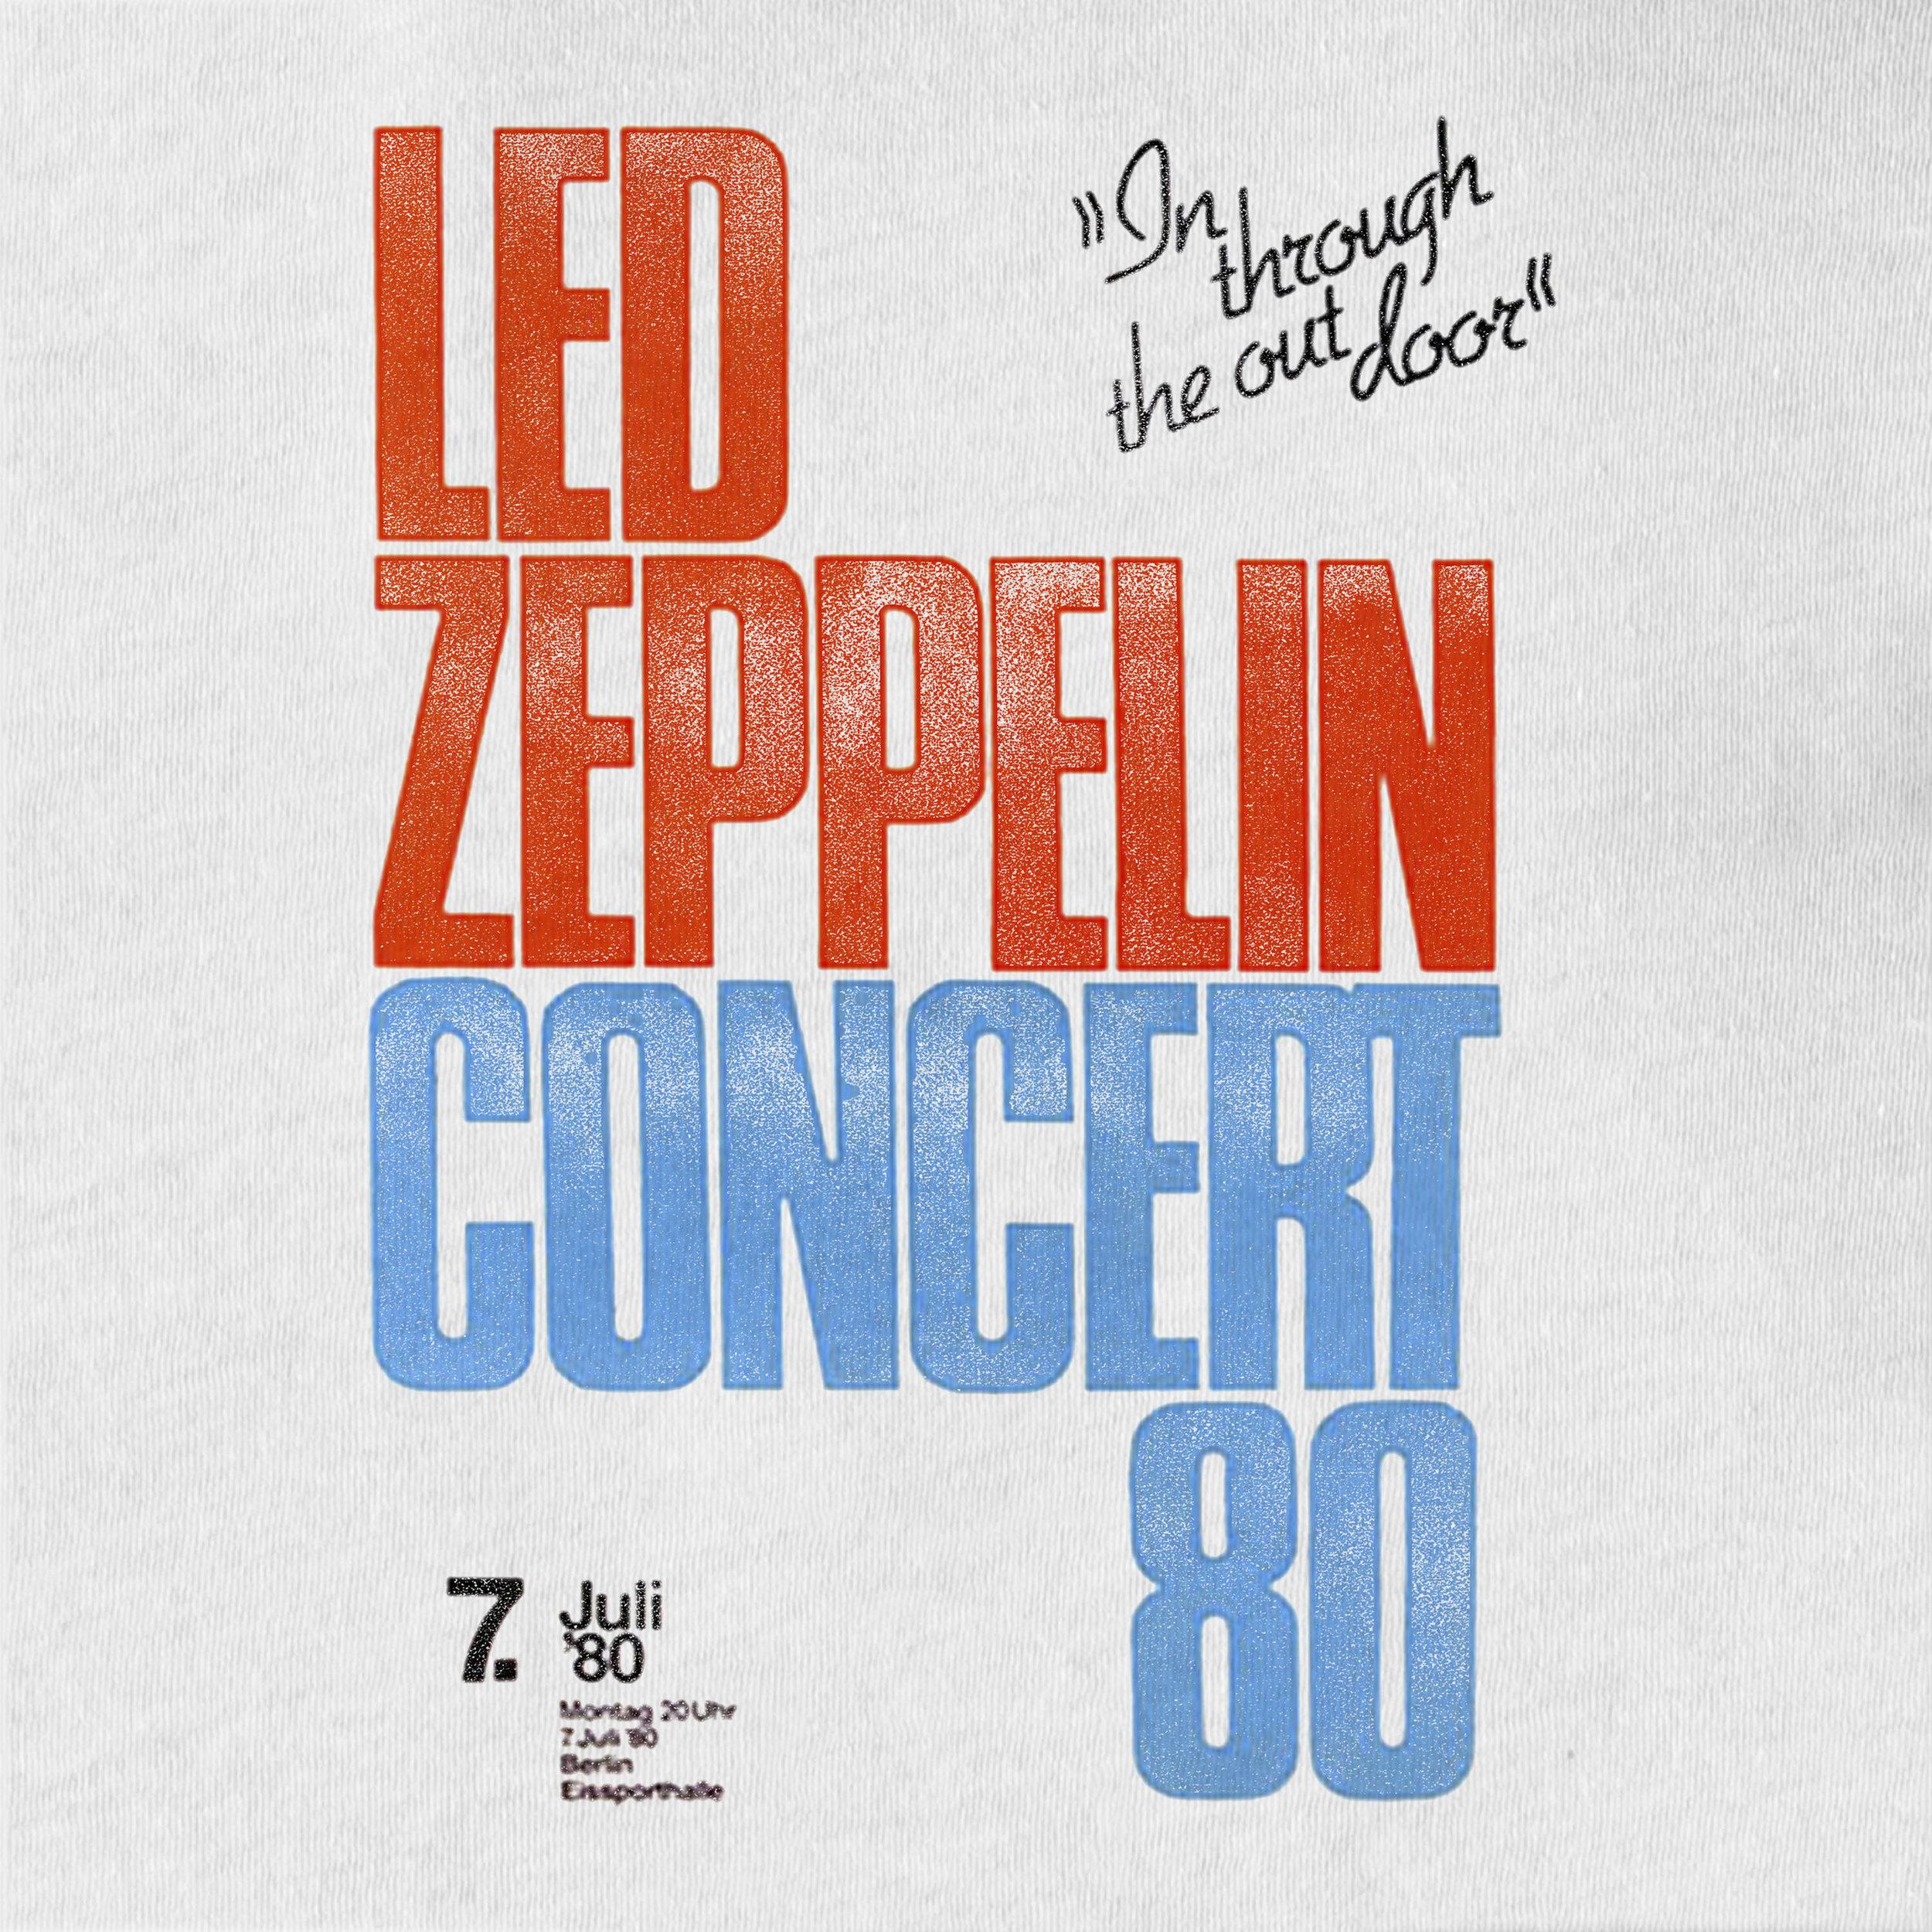 led-zeppelin-80-concert.jpg